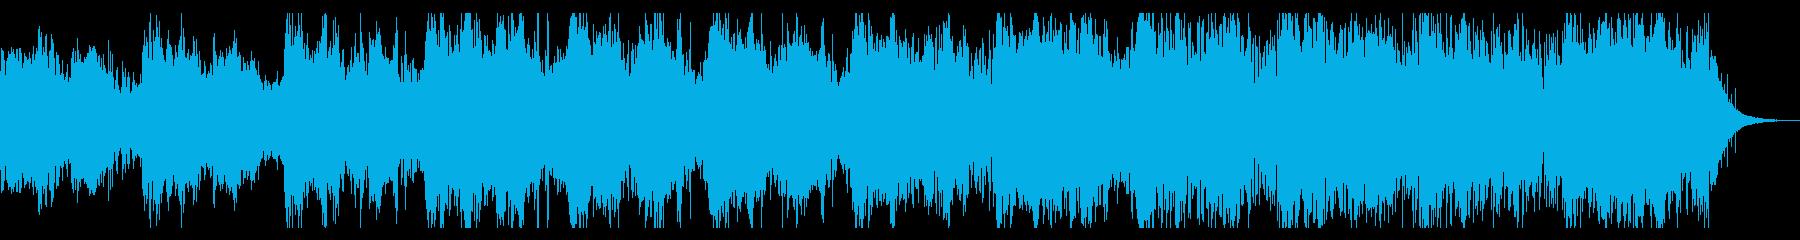 ダークでノイジーなテクスチャIDMの再生済みの波形